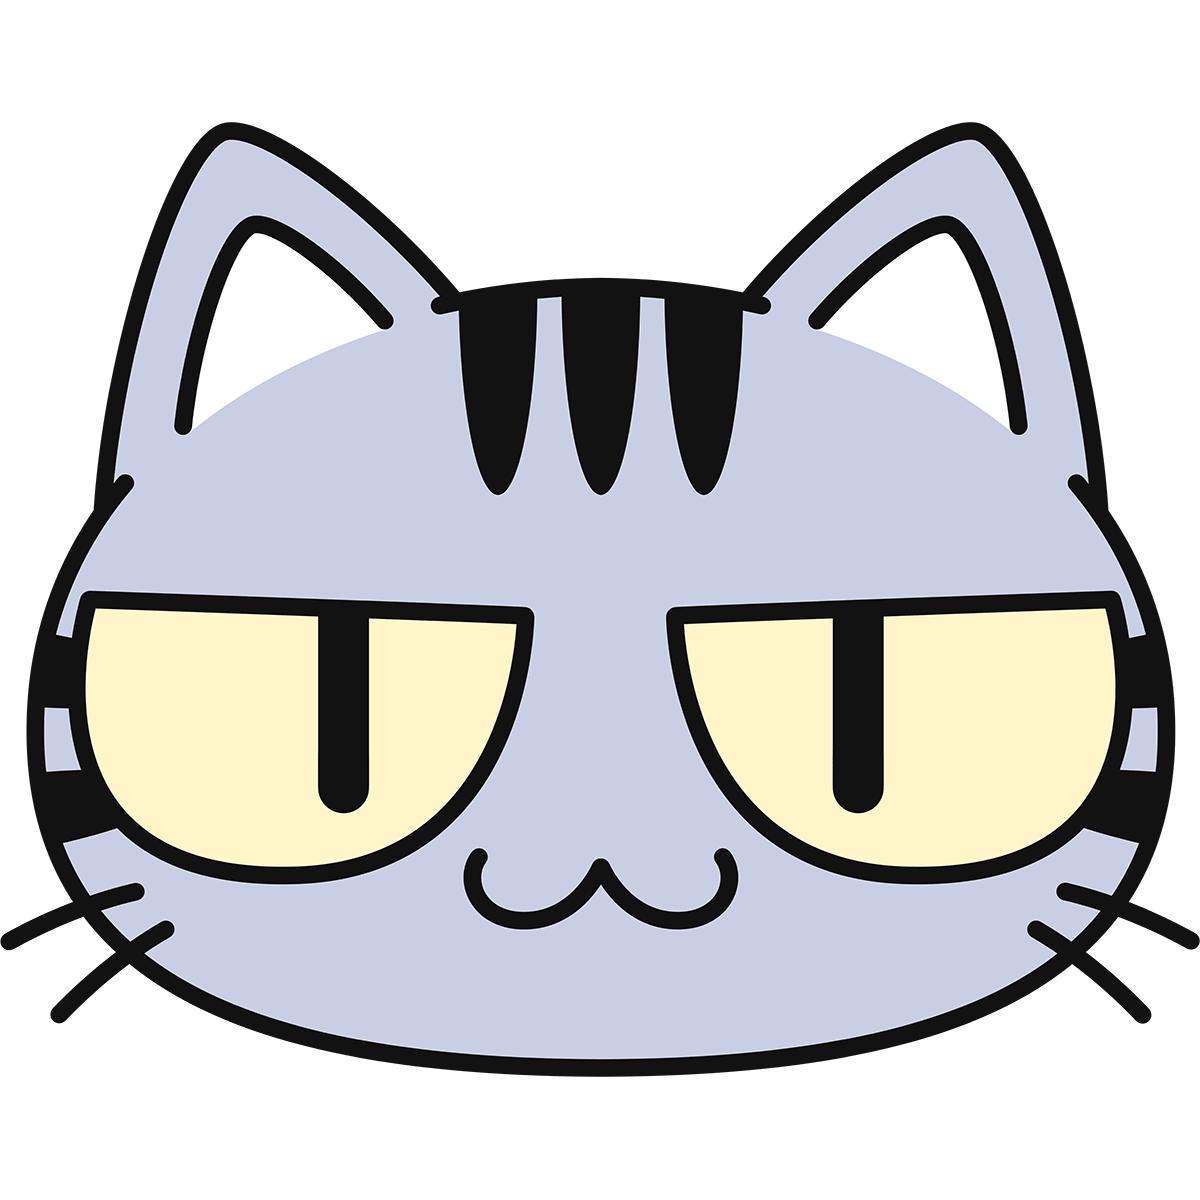 サバトラ猫の顔(猫目)の無料イラスト